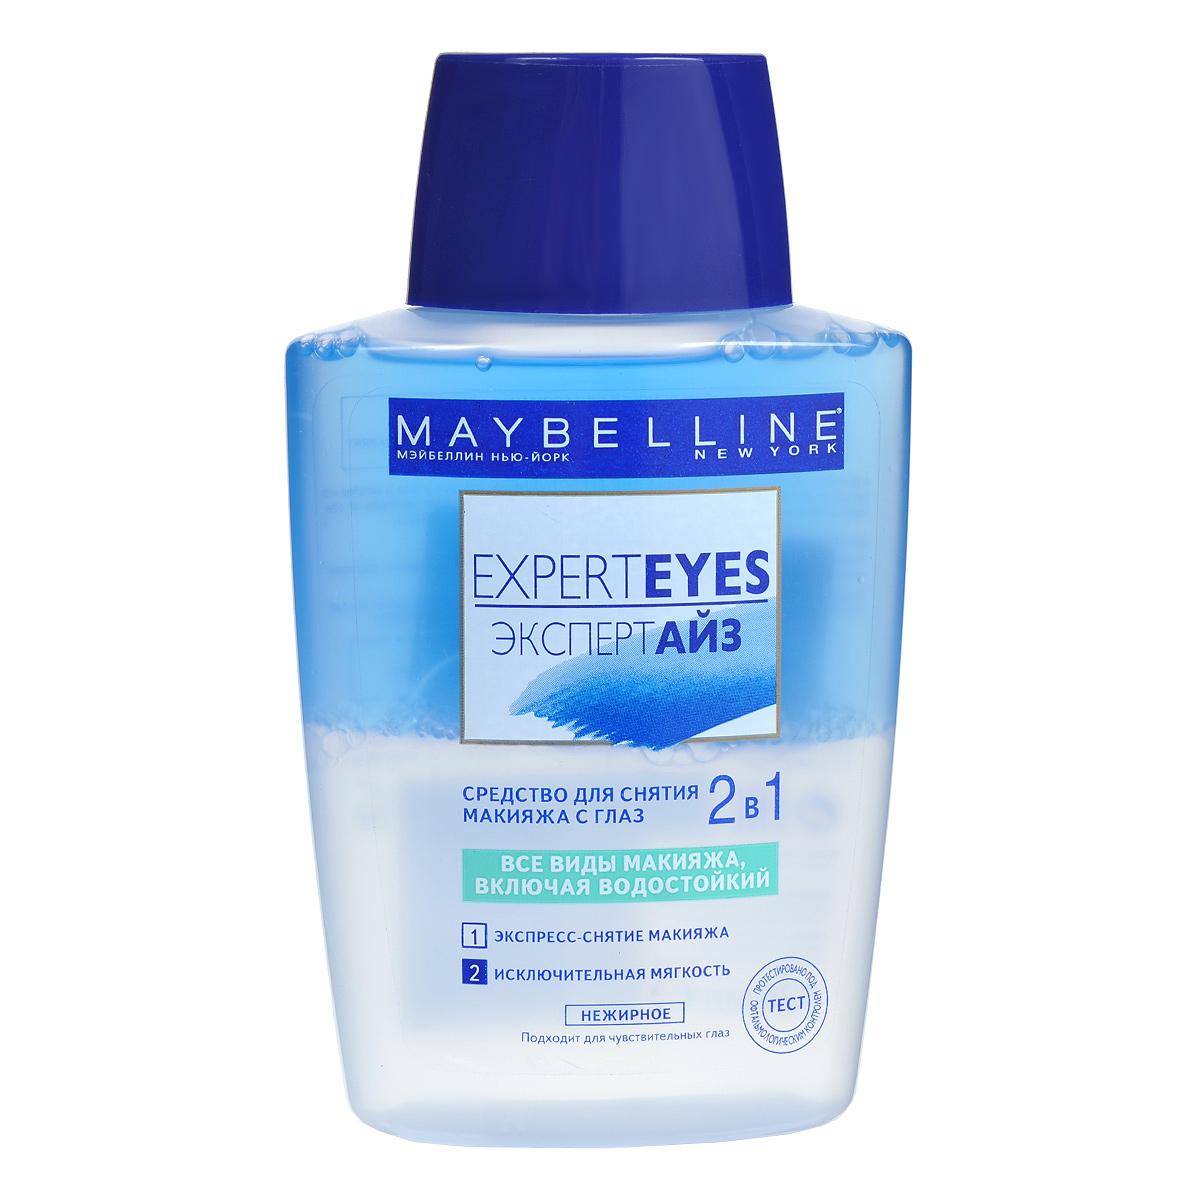 Maybelline New York Средство для снятия макияжа с глаз 2 в 1 ExpertEyes, двухфазное, 125 мл средство для снятия макияжа для чувствительных глаз 125 мл l oreal paris